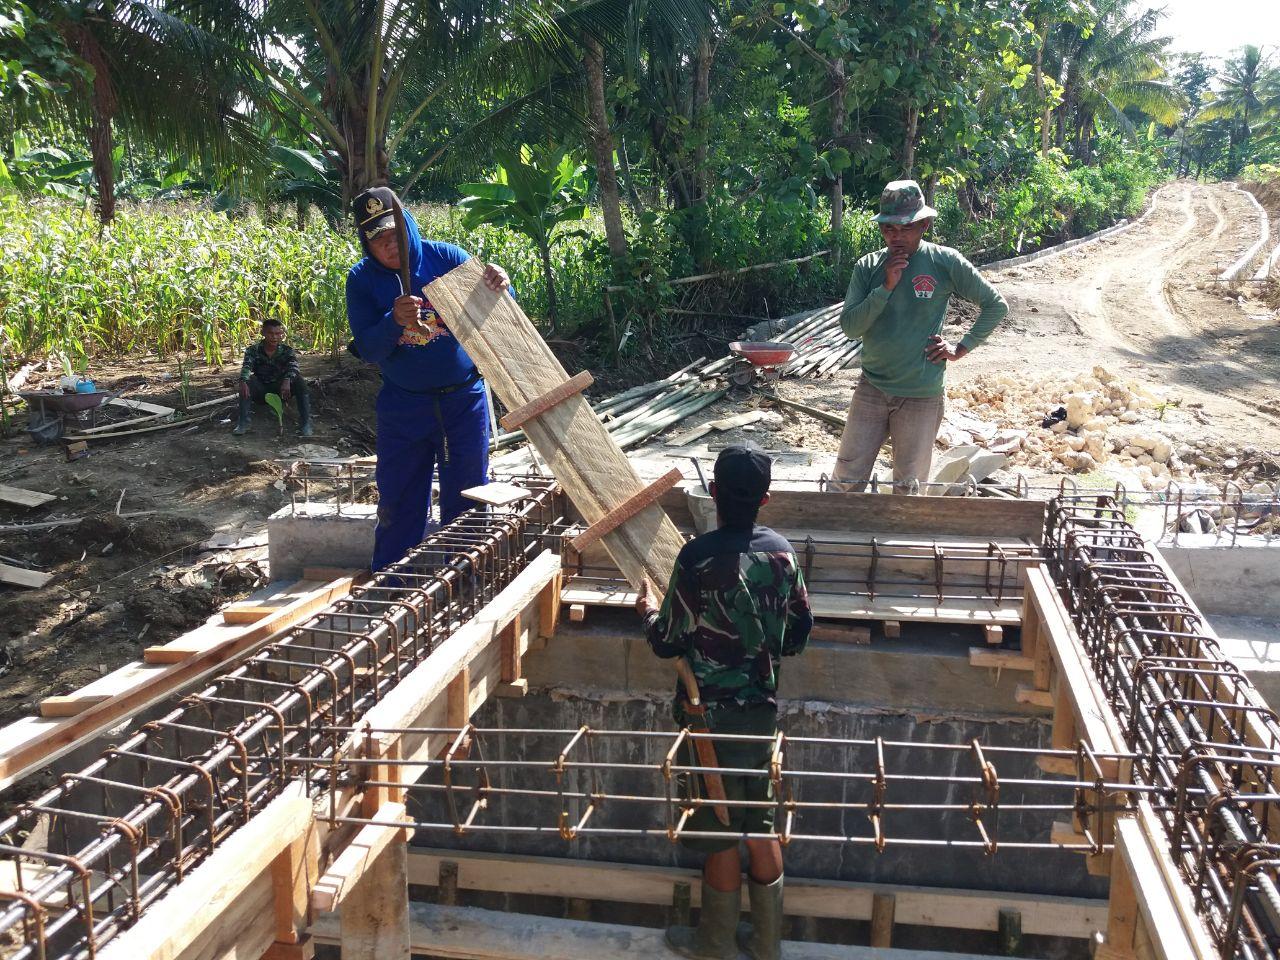 Satgas Pra TMMD ke 104 Kodim 1407 Bone Kebut Pekerjaan Jembatan, Ini Kondisi Terakhir